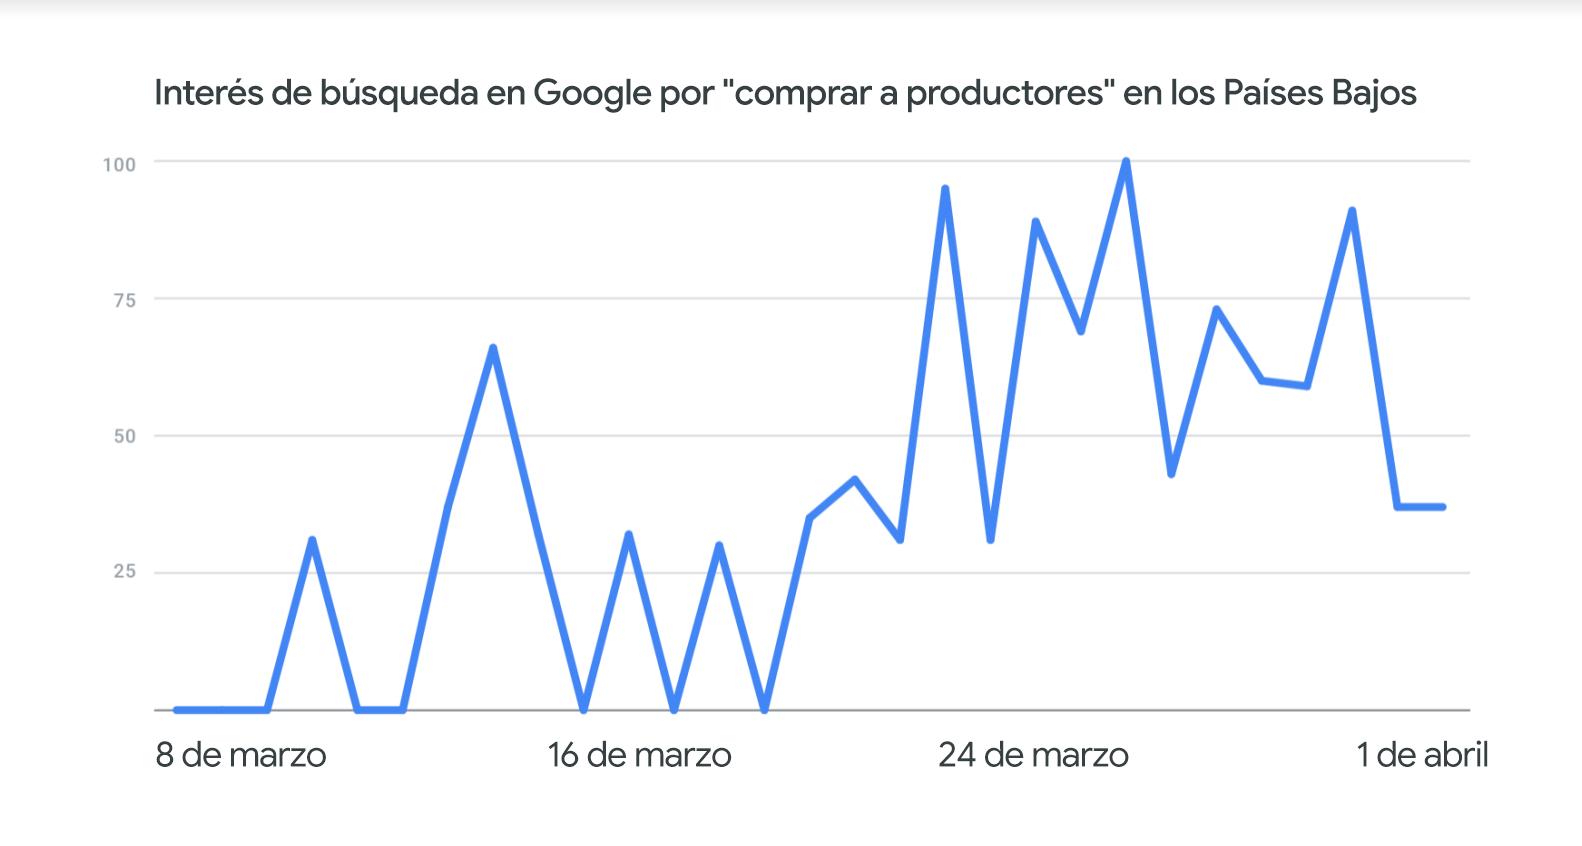 comprar a productores busqueda google